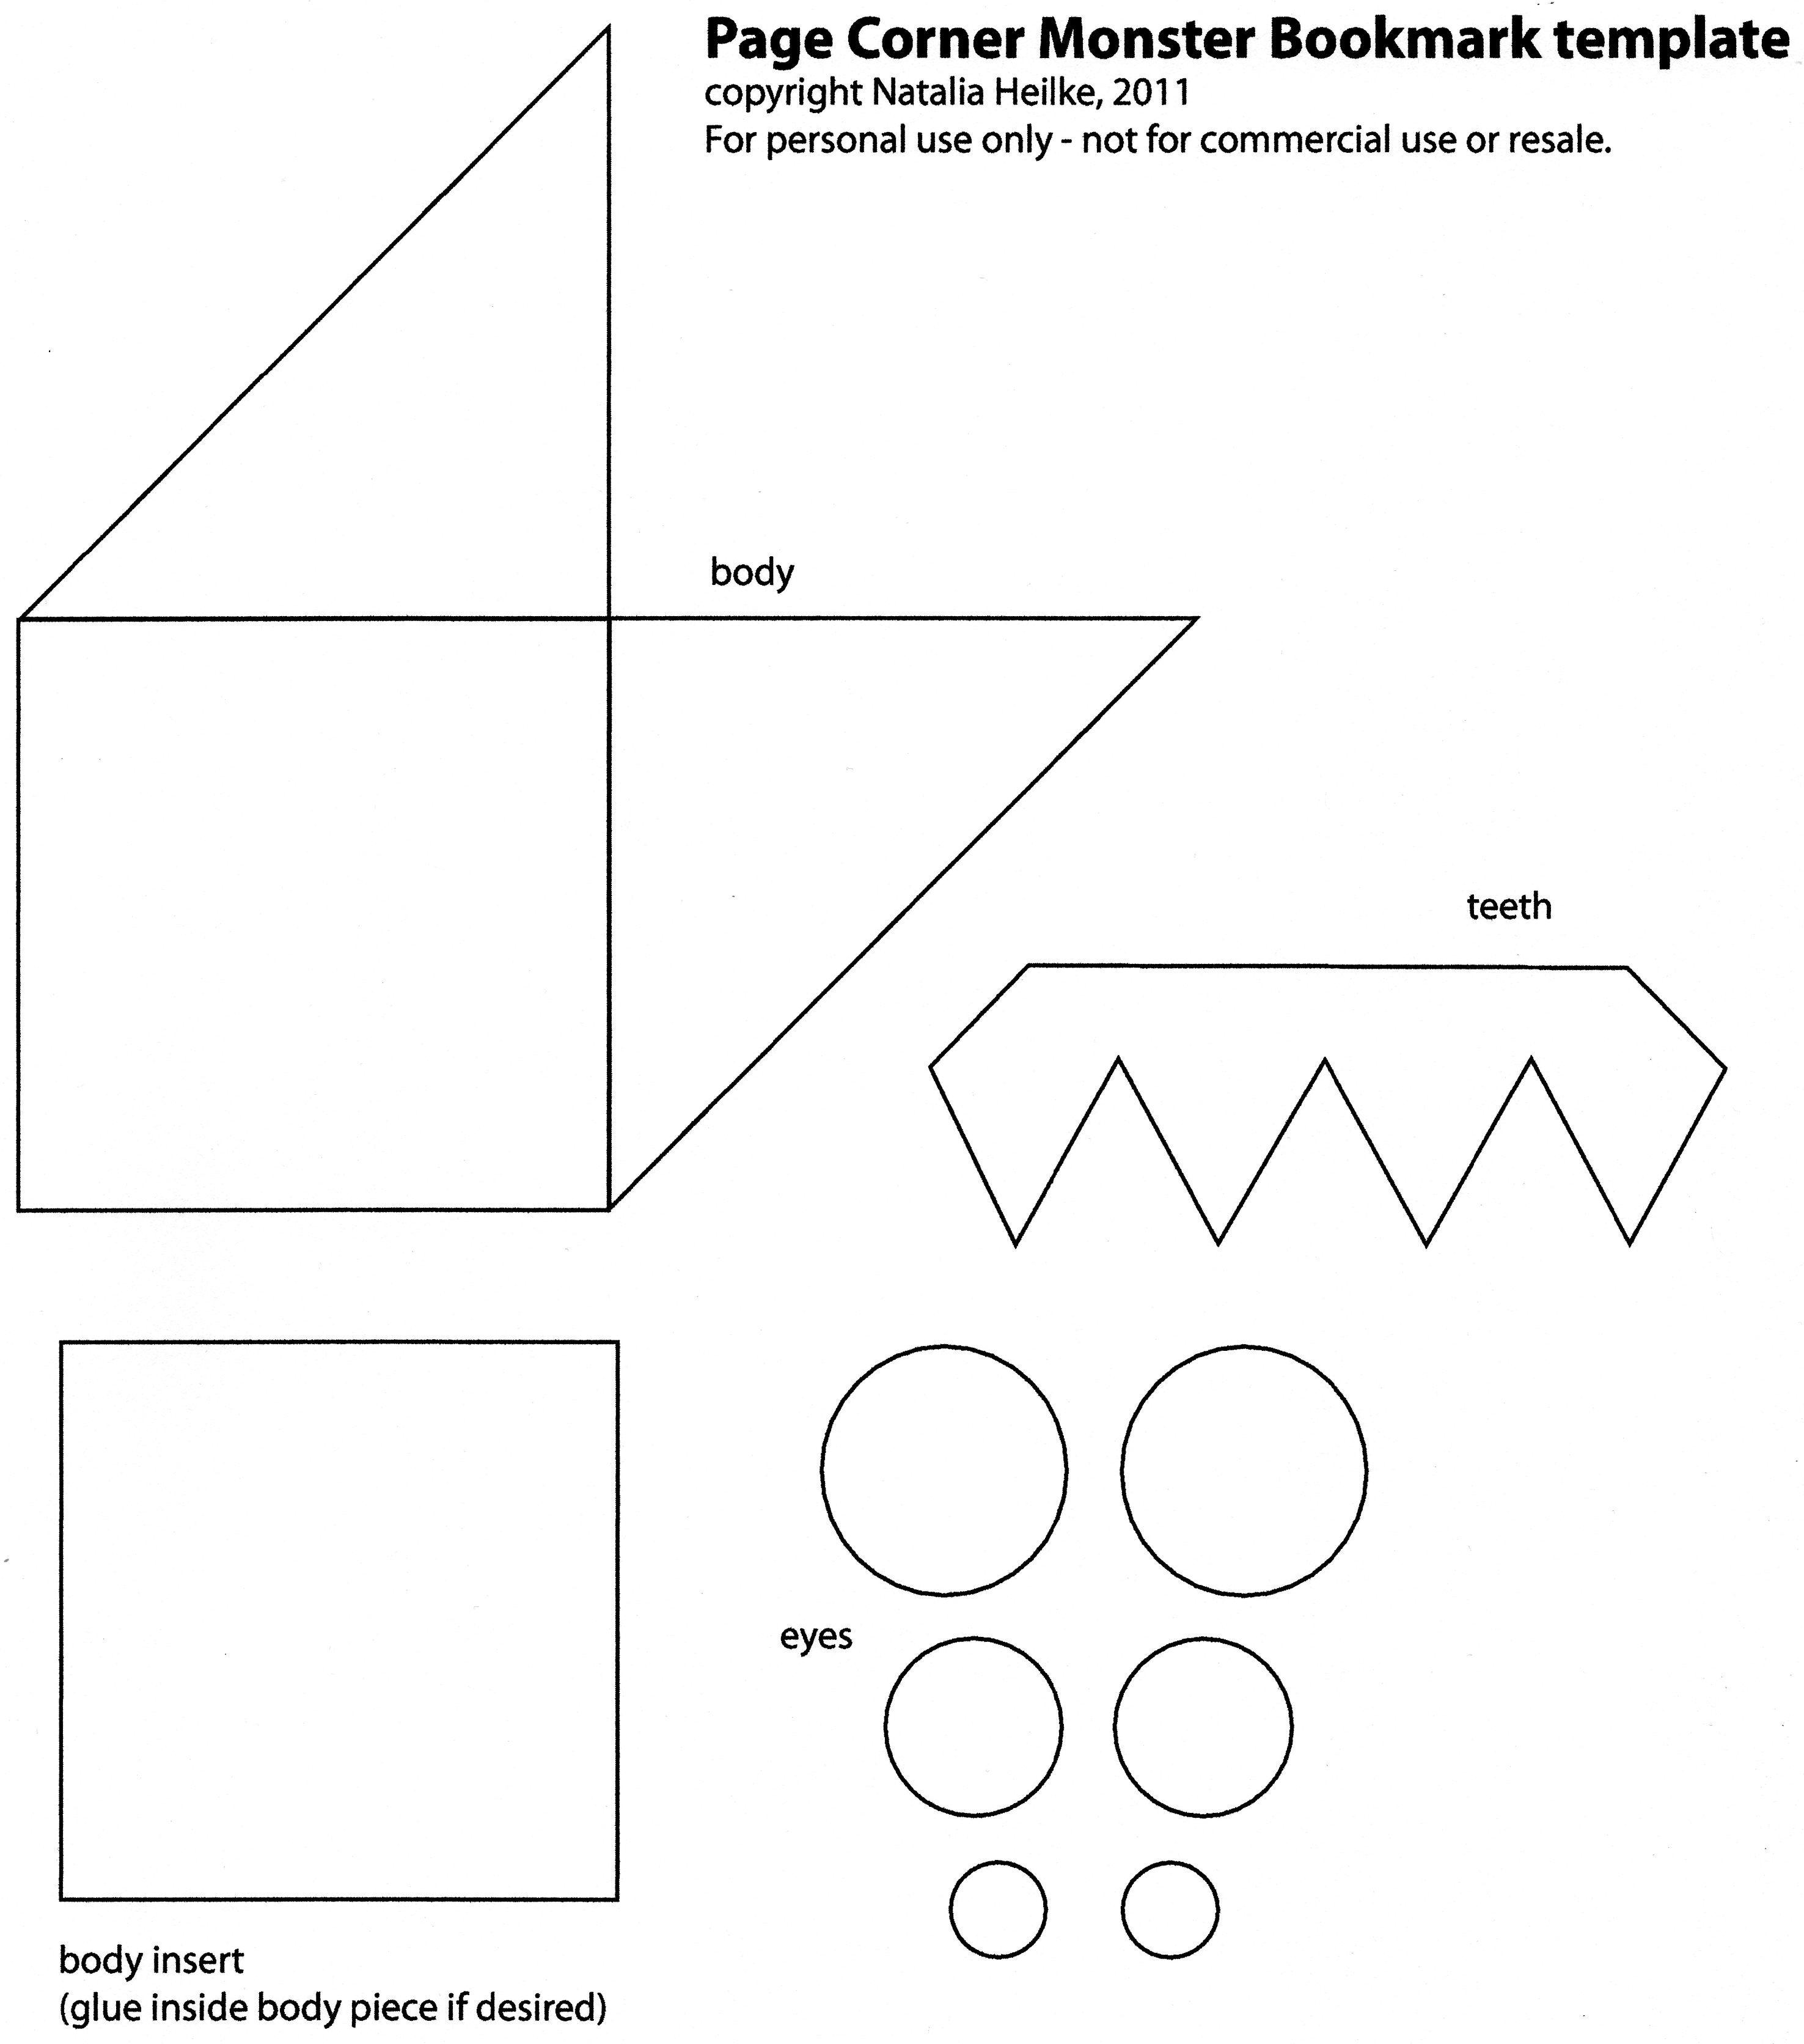 graphic relating to Corner Bookmark Template Printable titled Resultado de imagen de shark corner bookmark template